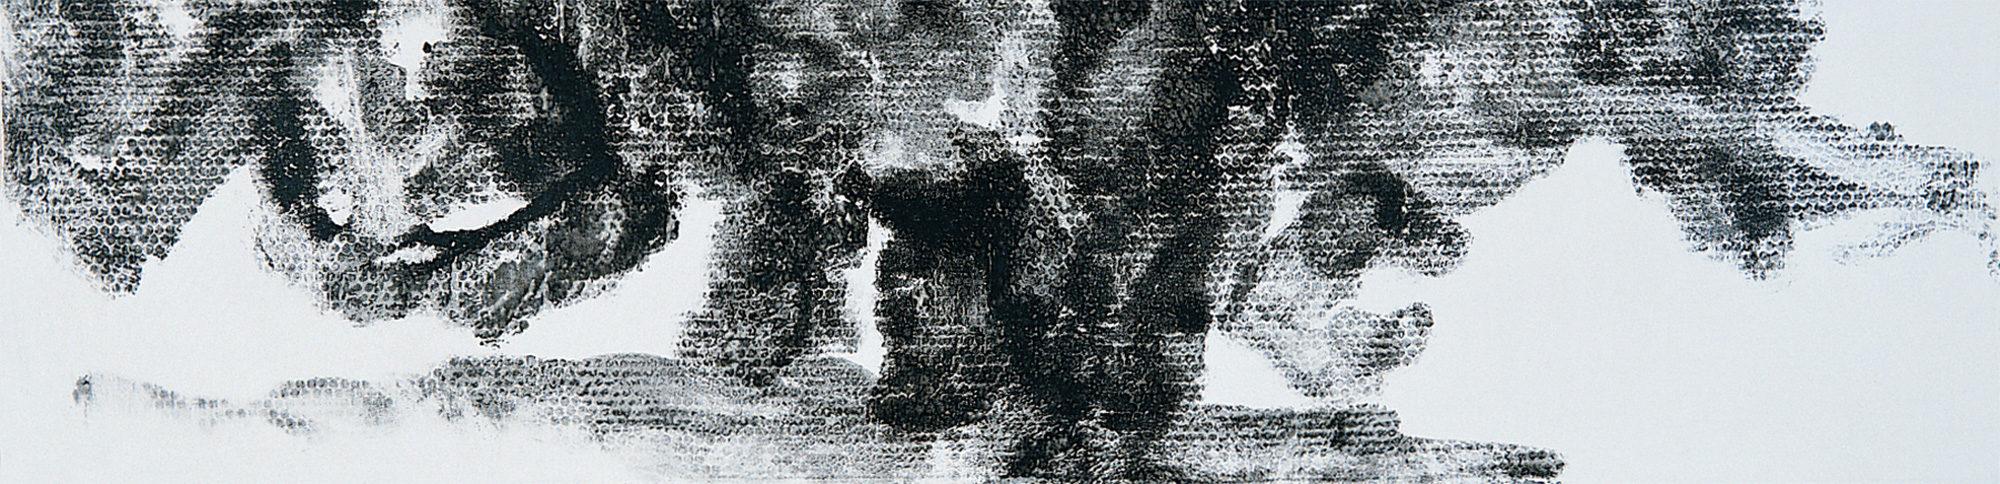 La carrasca, 2004, monotype sur toile, 47.5 x 195 cm. (Photo © A.Morain)